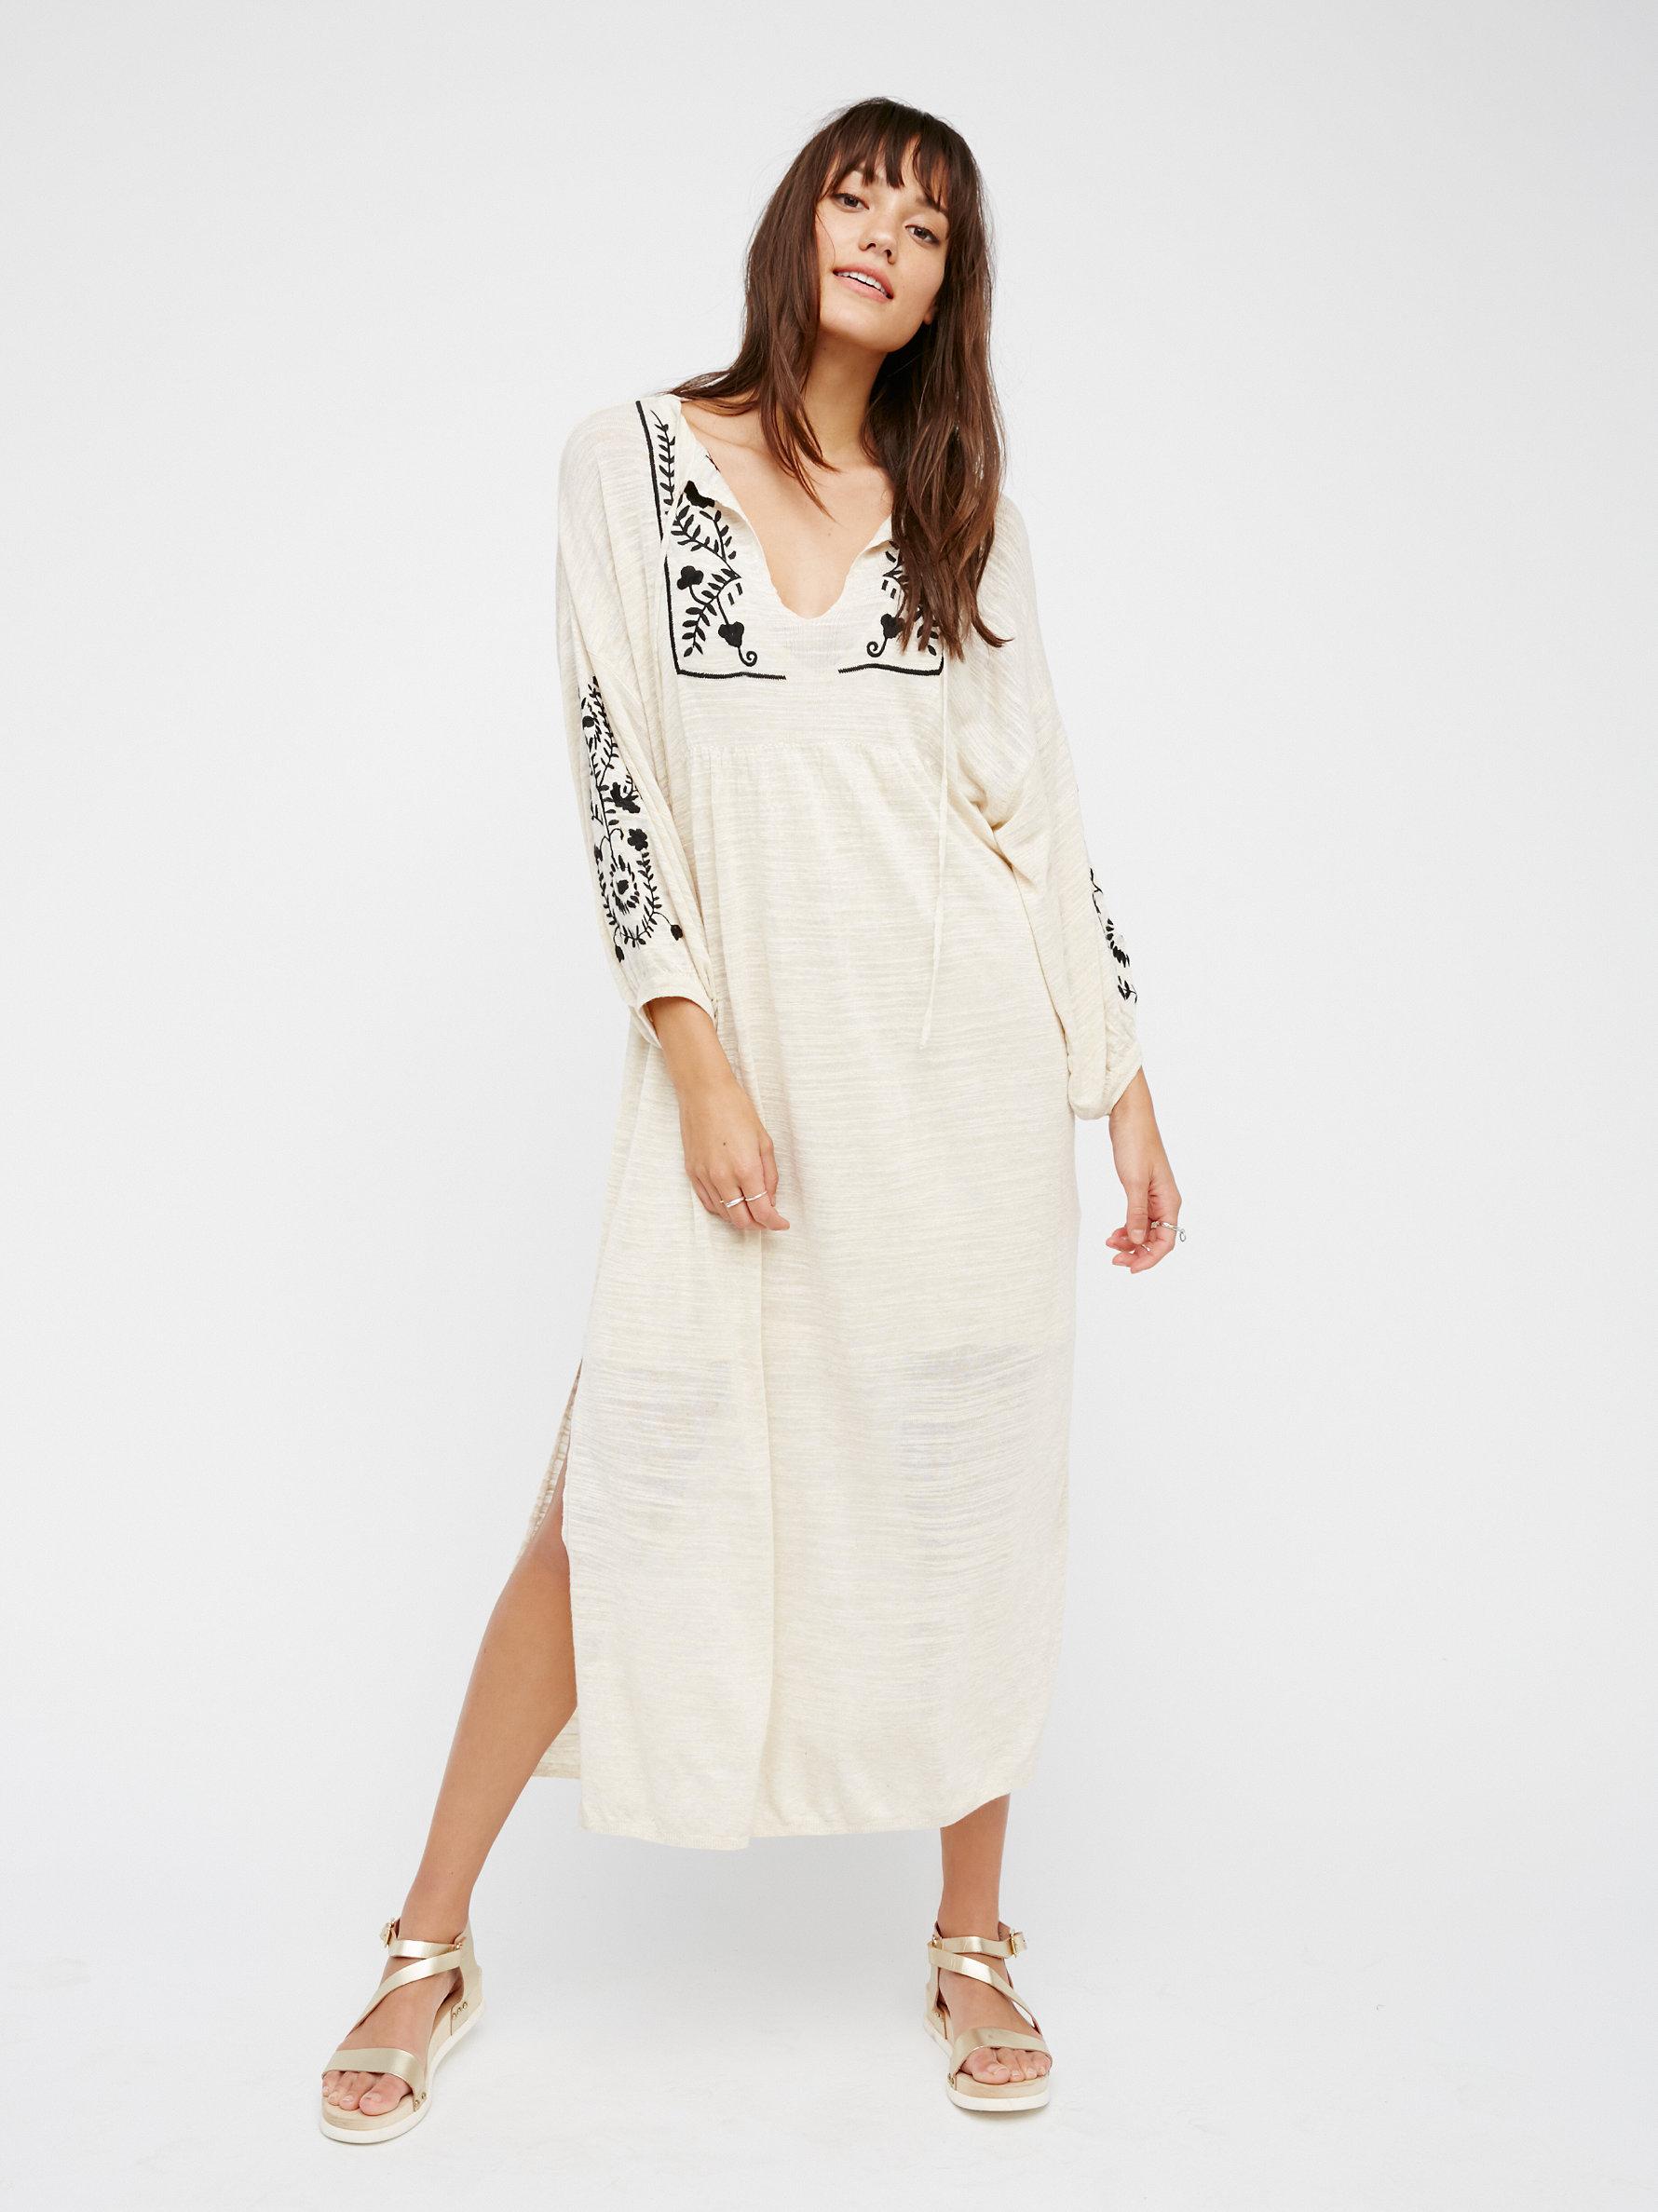 Dresses on Sale | Free People